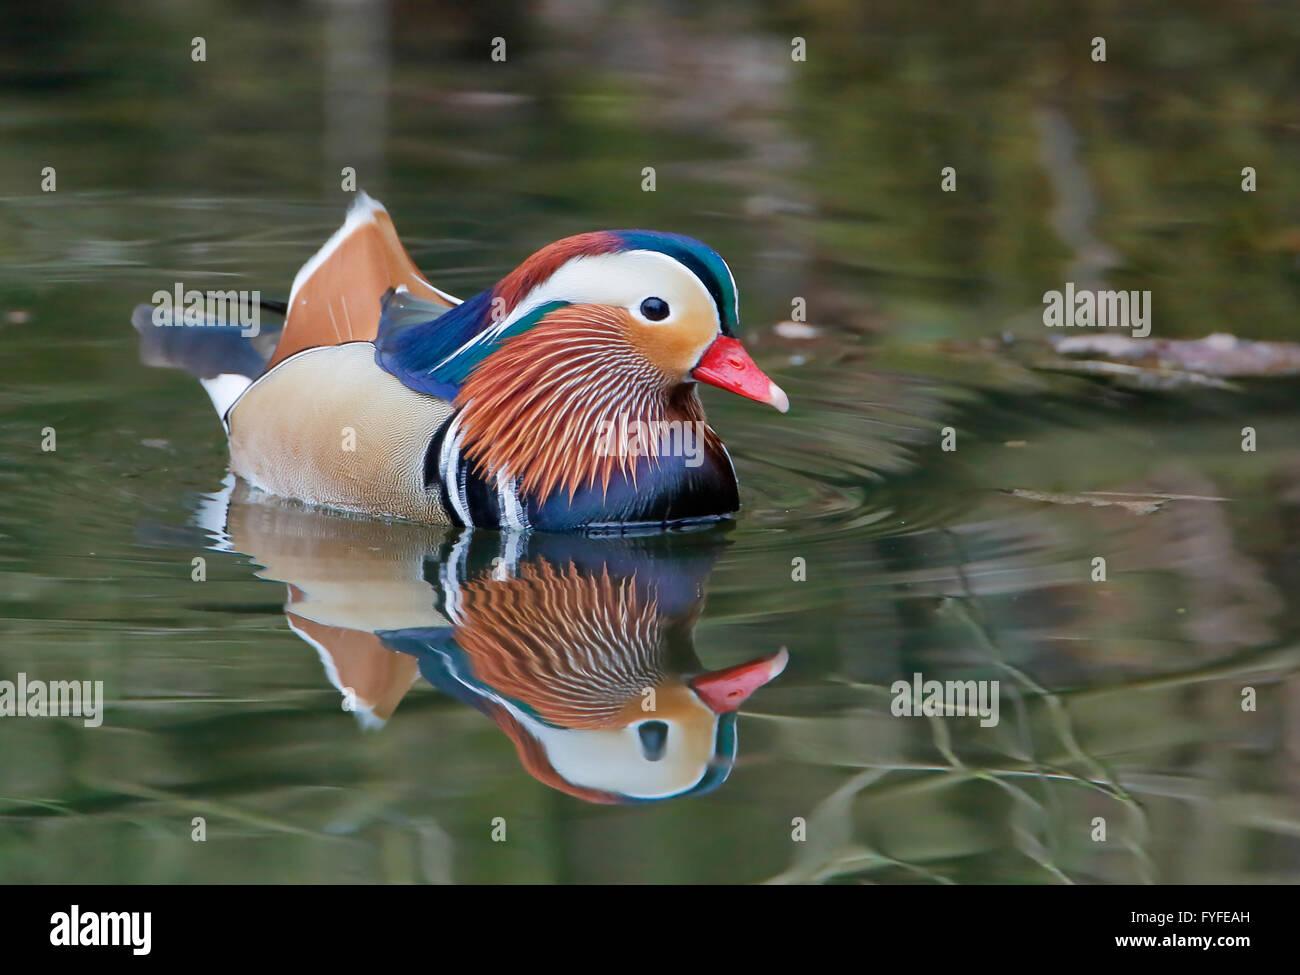 Pato mandarín (Aix galericulata) macho nadando en agua con reflejos Foto de stock